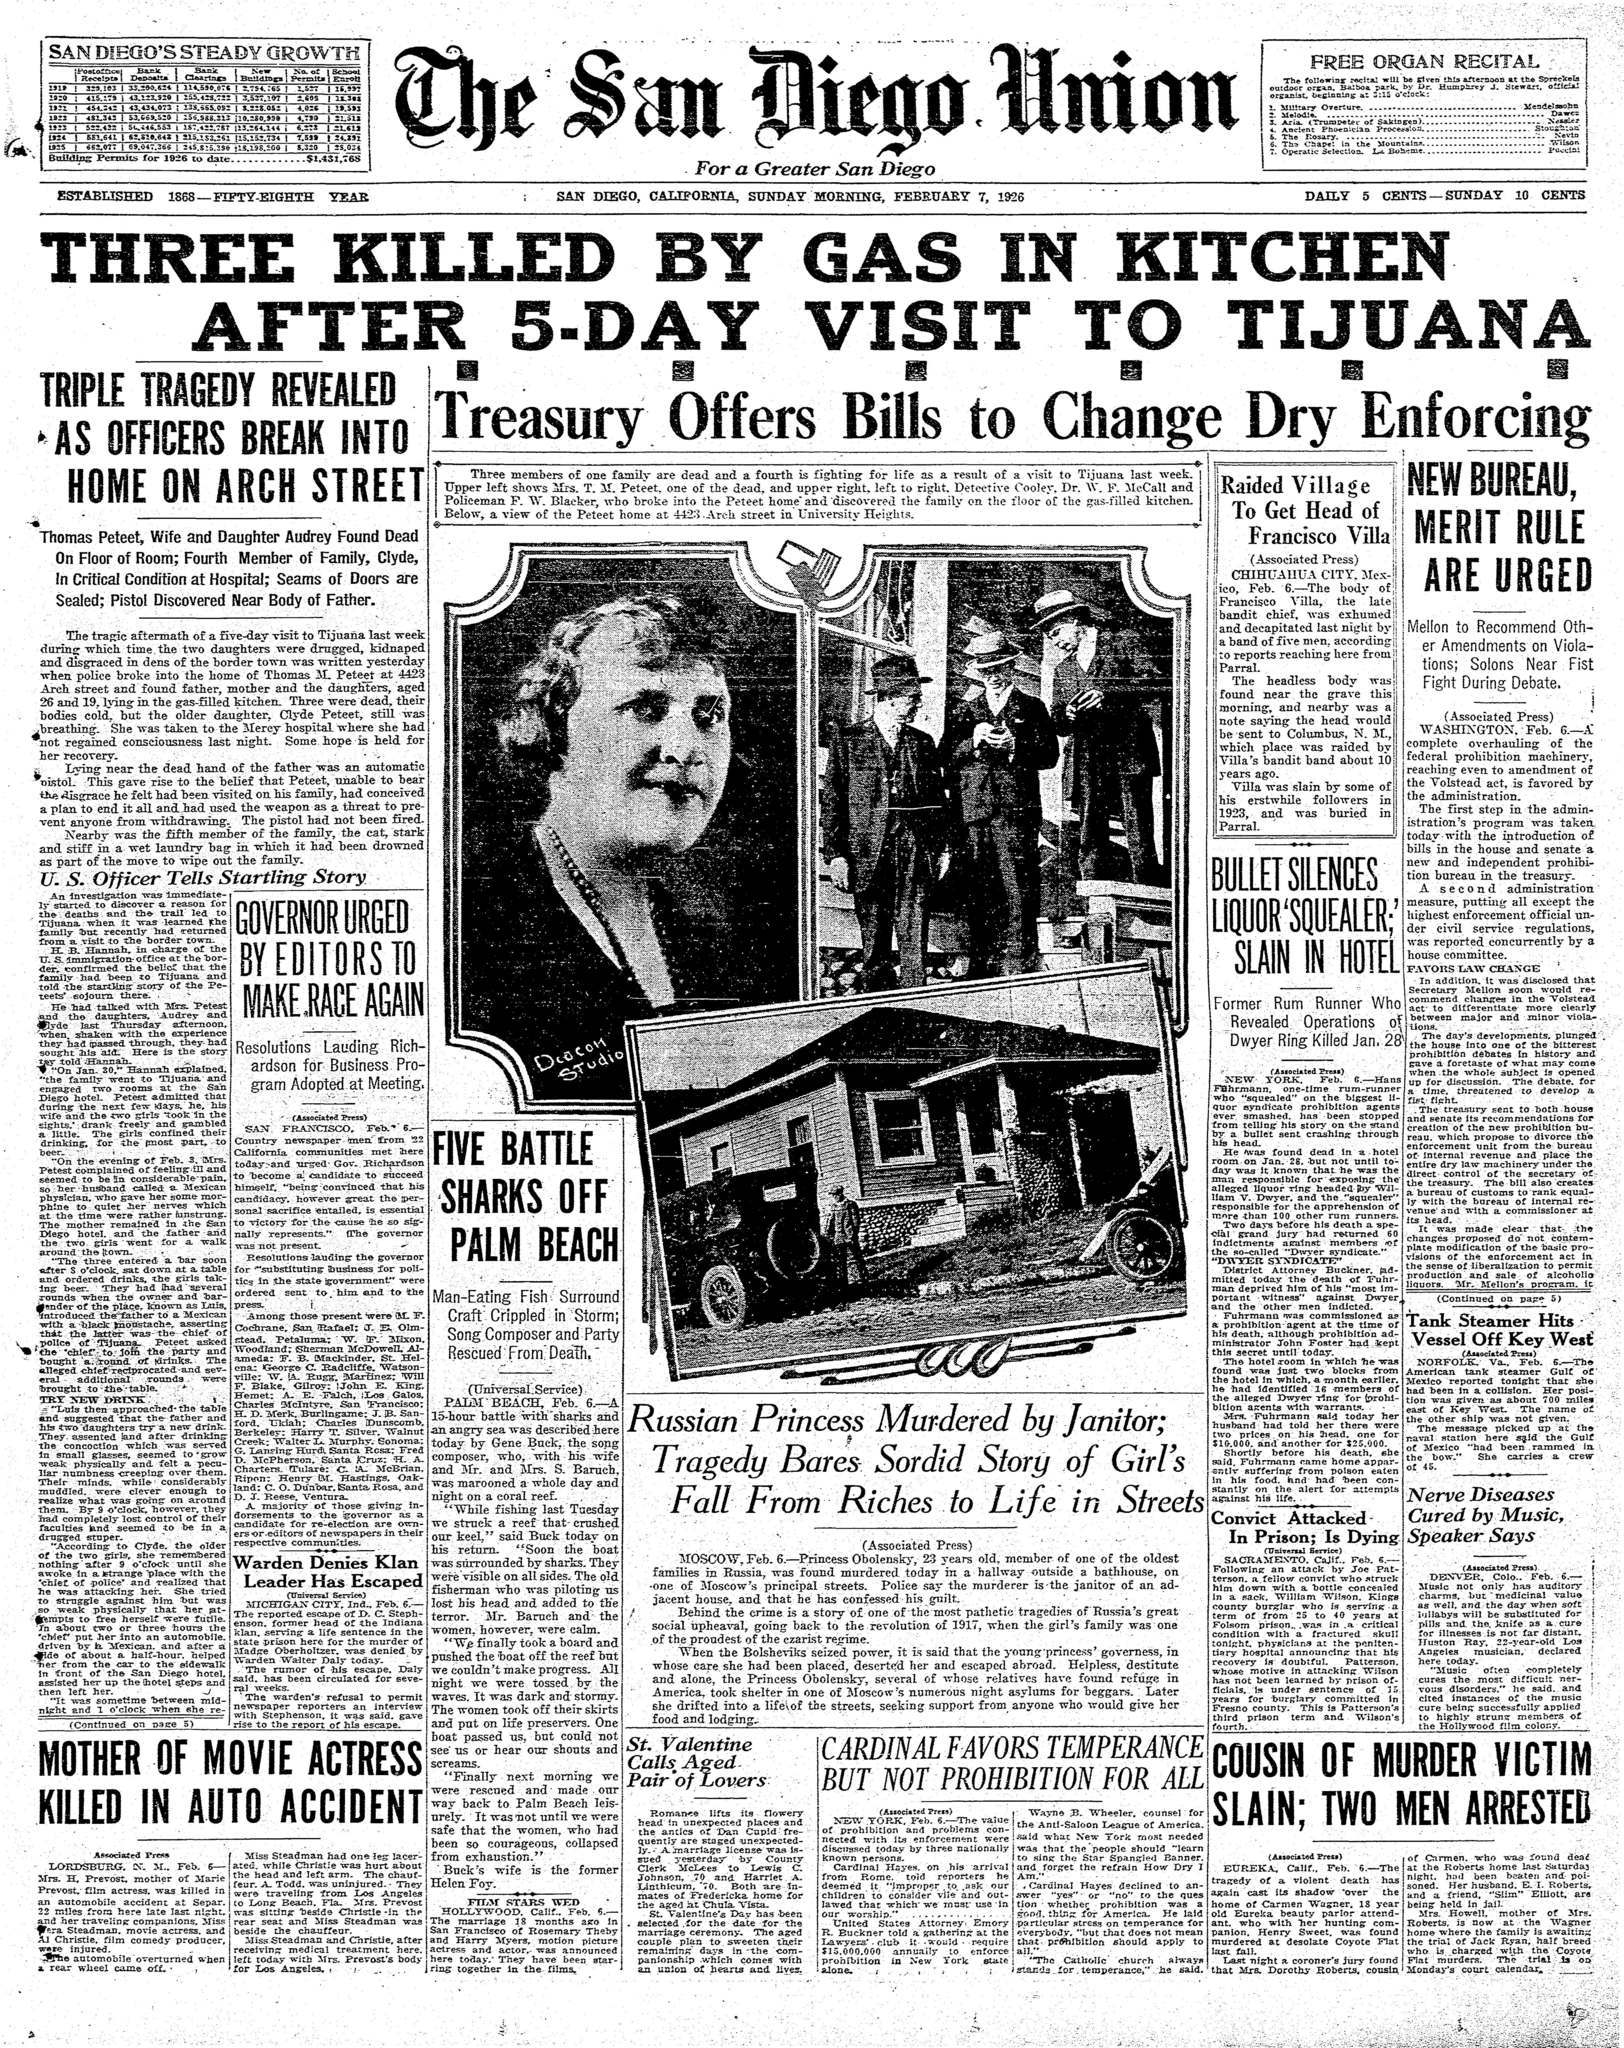 February 7, 1926